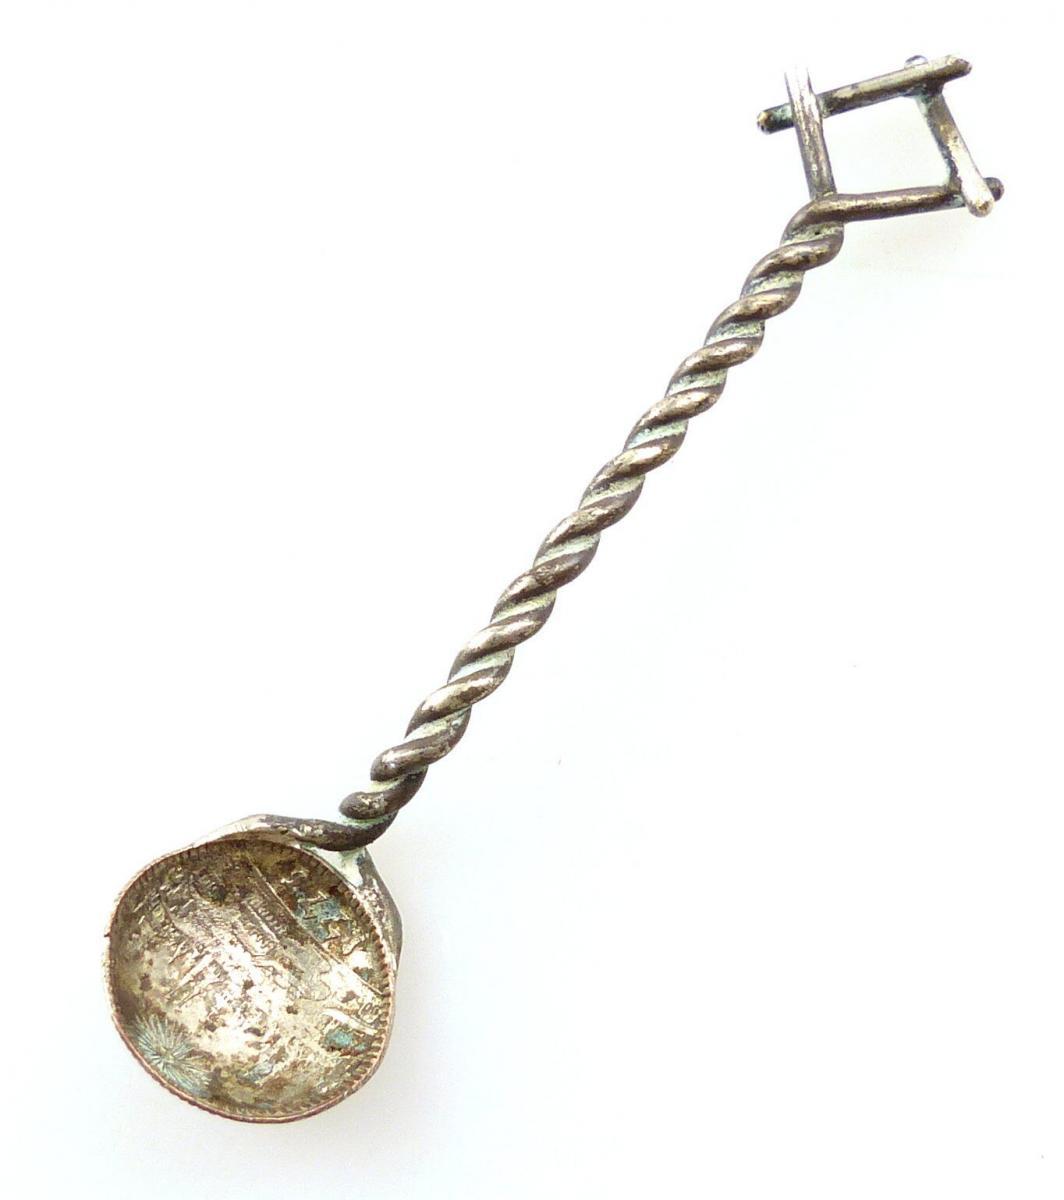 E9721 Kleiner alter Salzlöffel aus einer Silbermünze